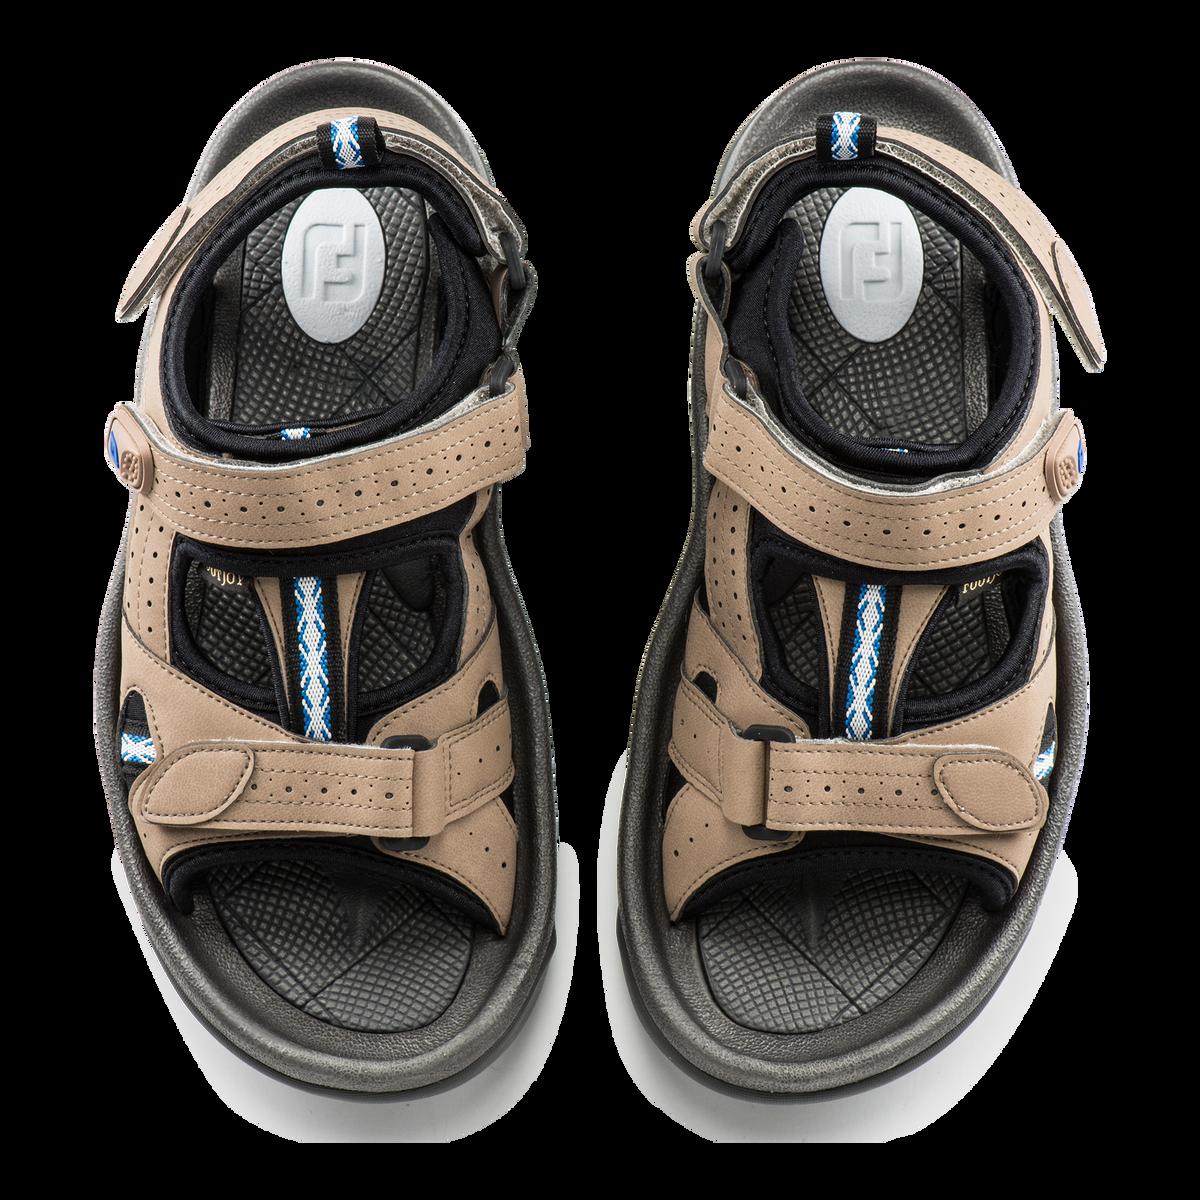 Golf Sandals